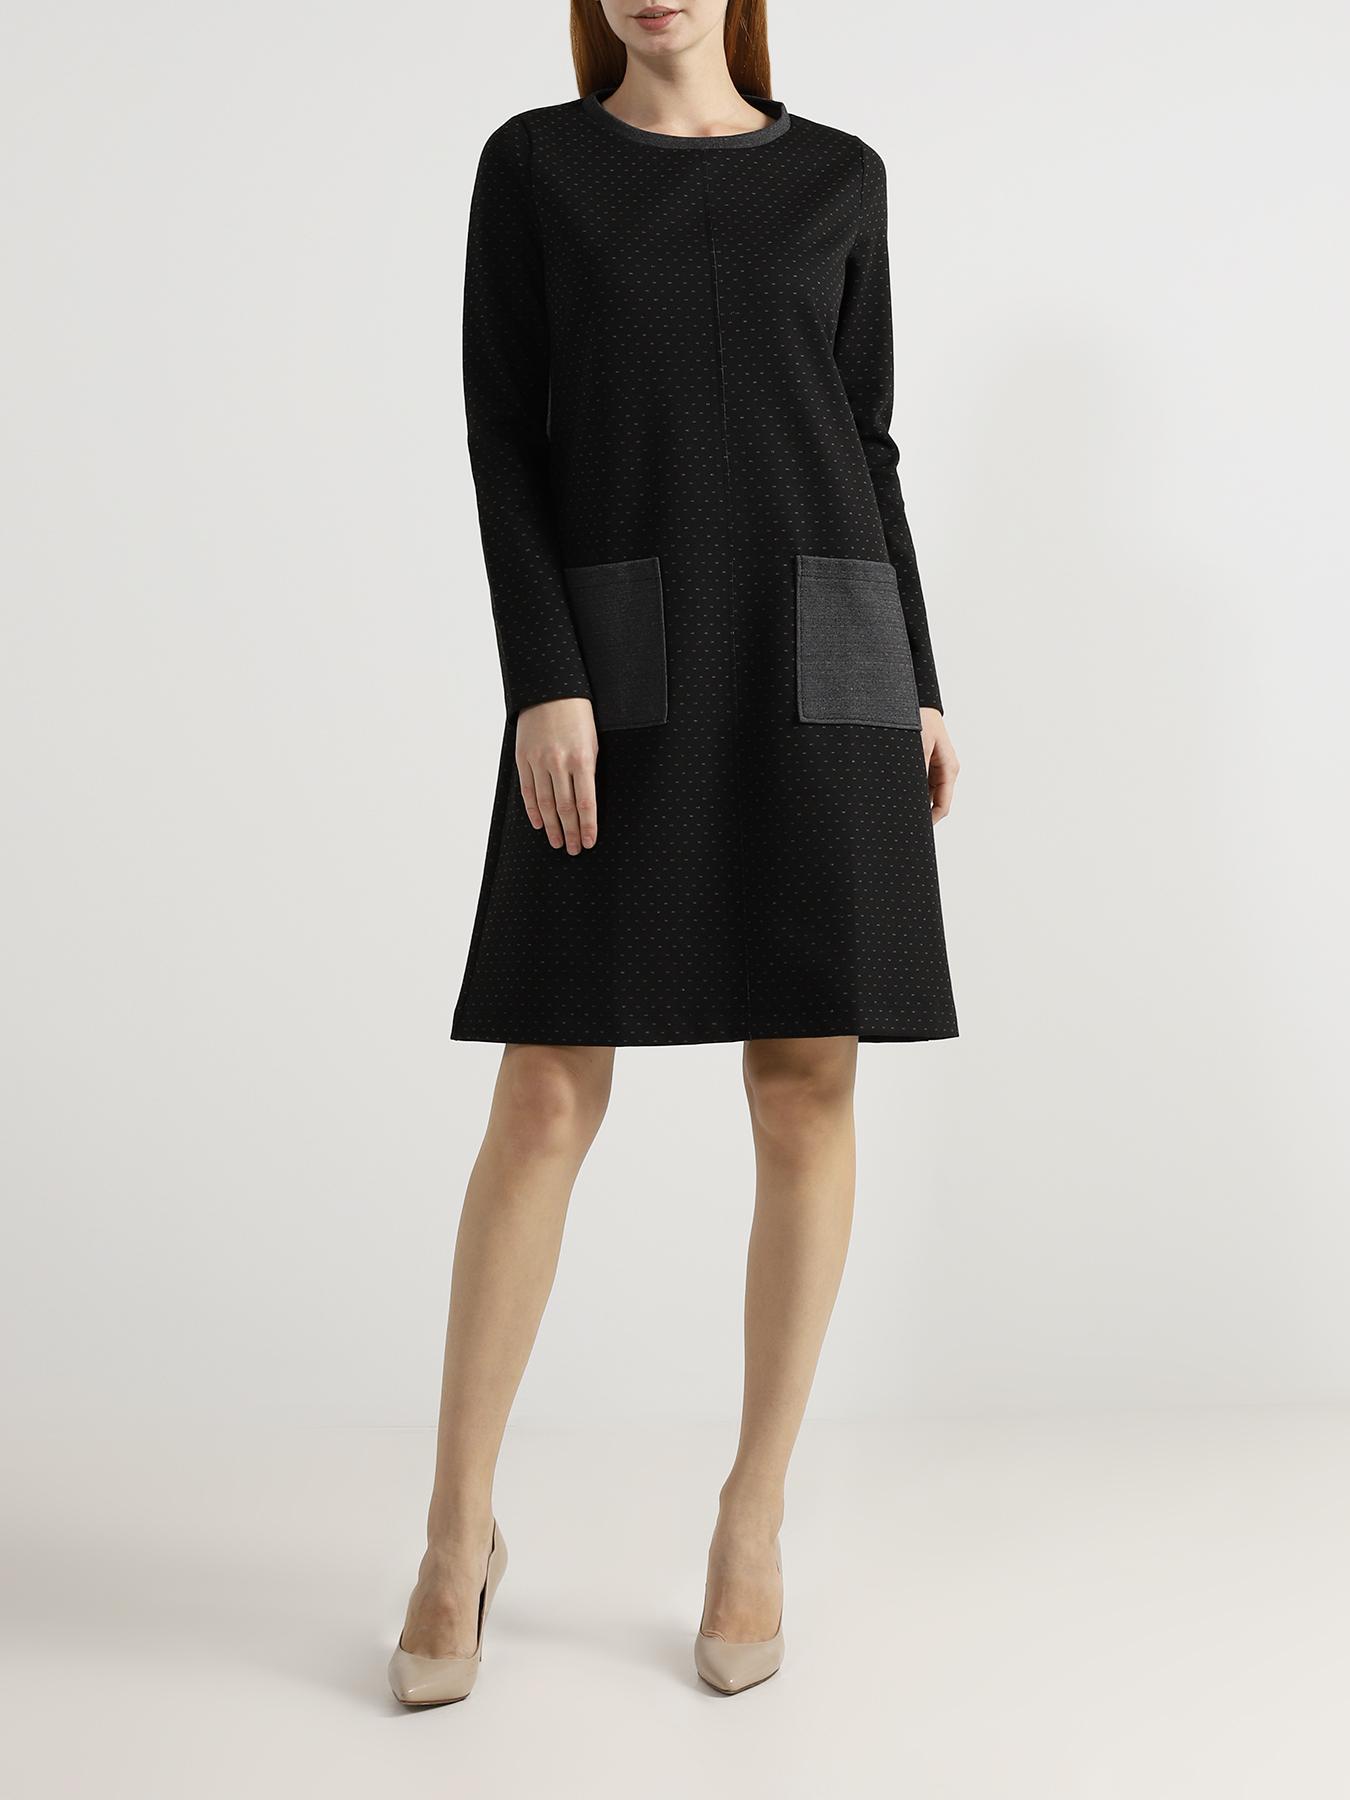 Платье Zanetti Платье с карманами свободное платье с 2 мя карманами yarmina